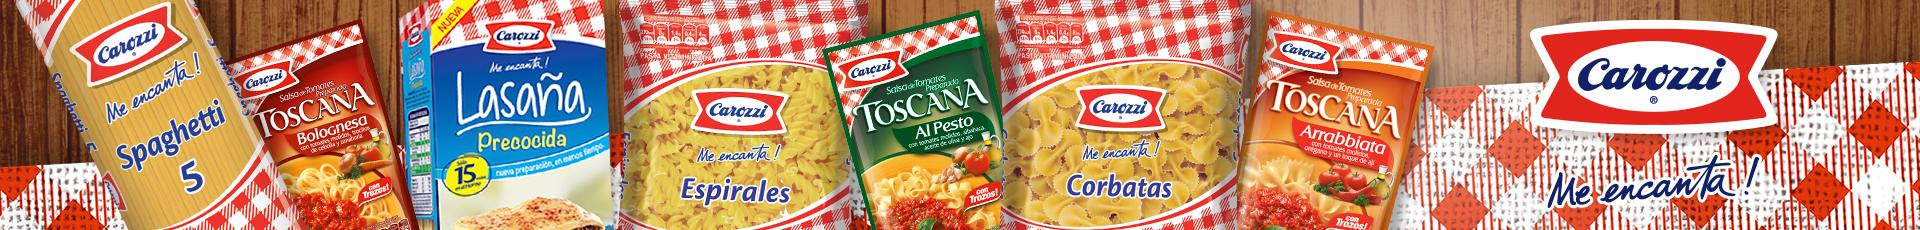 /productos?q=carozzi